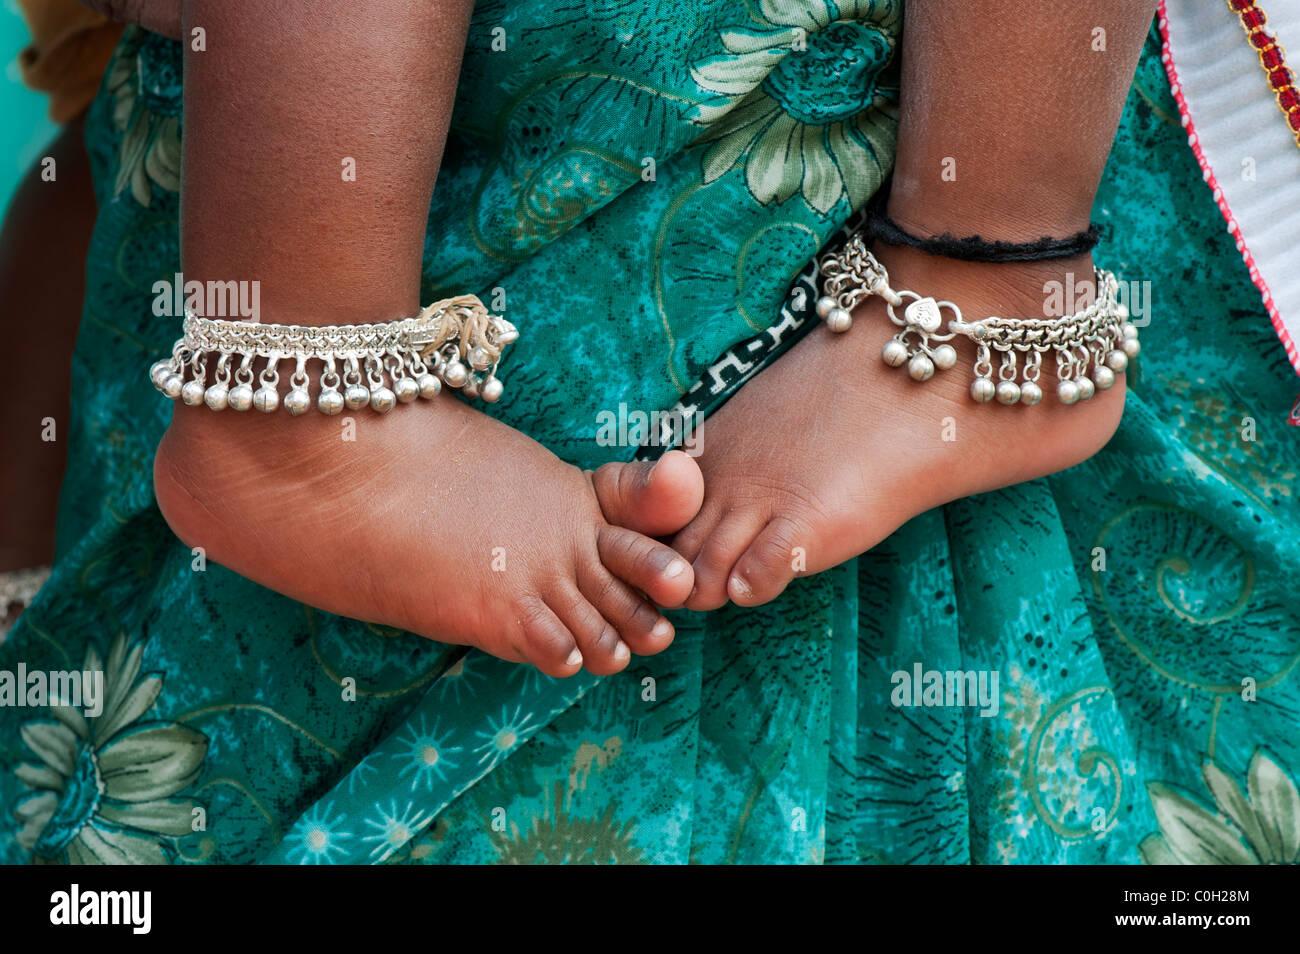 Indische Babys nackte Füße gegen Mütter grünen geblümten Sari. Andhra Pradesh, Indien Stockfoto